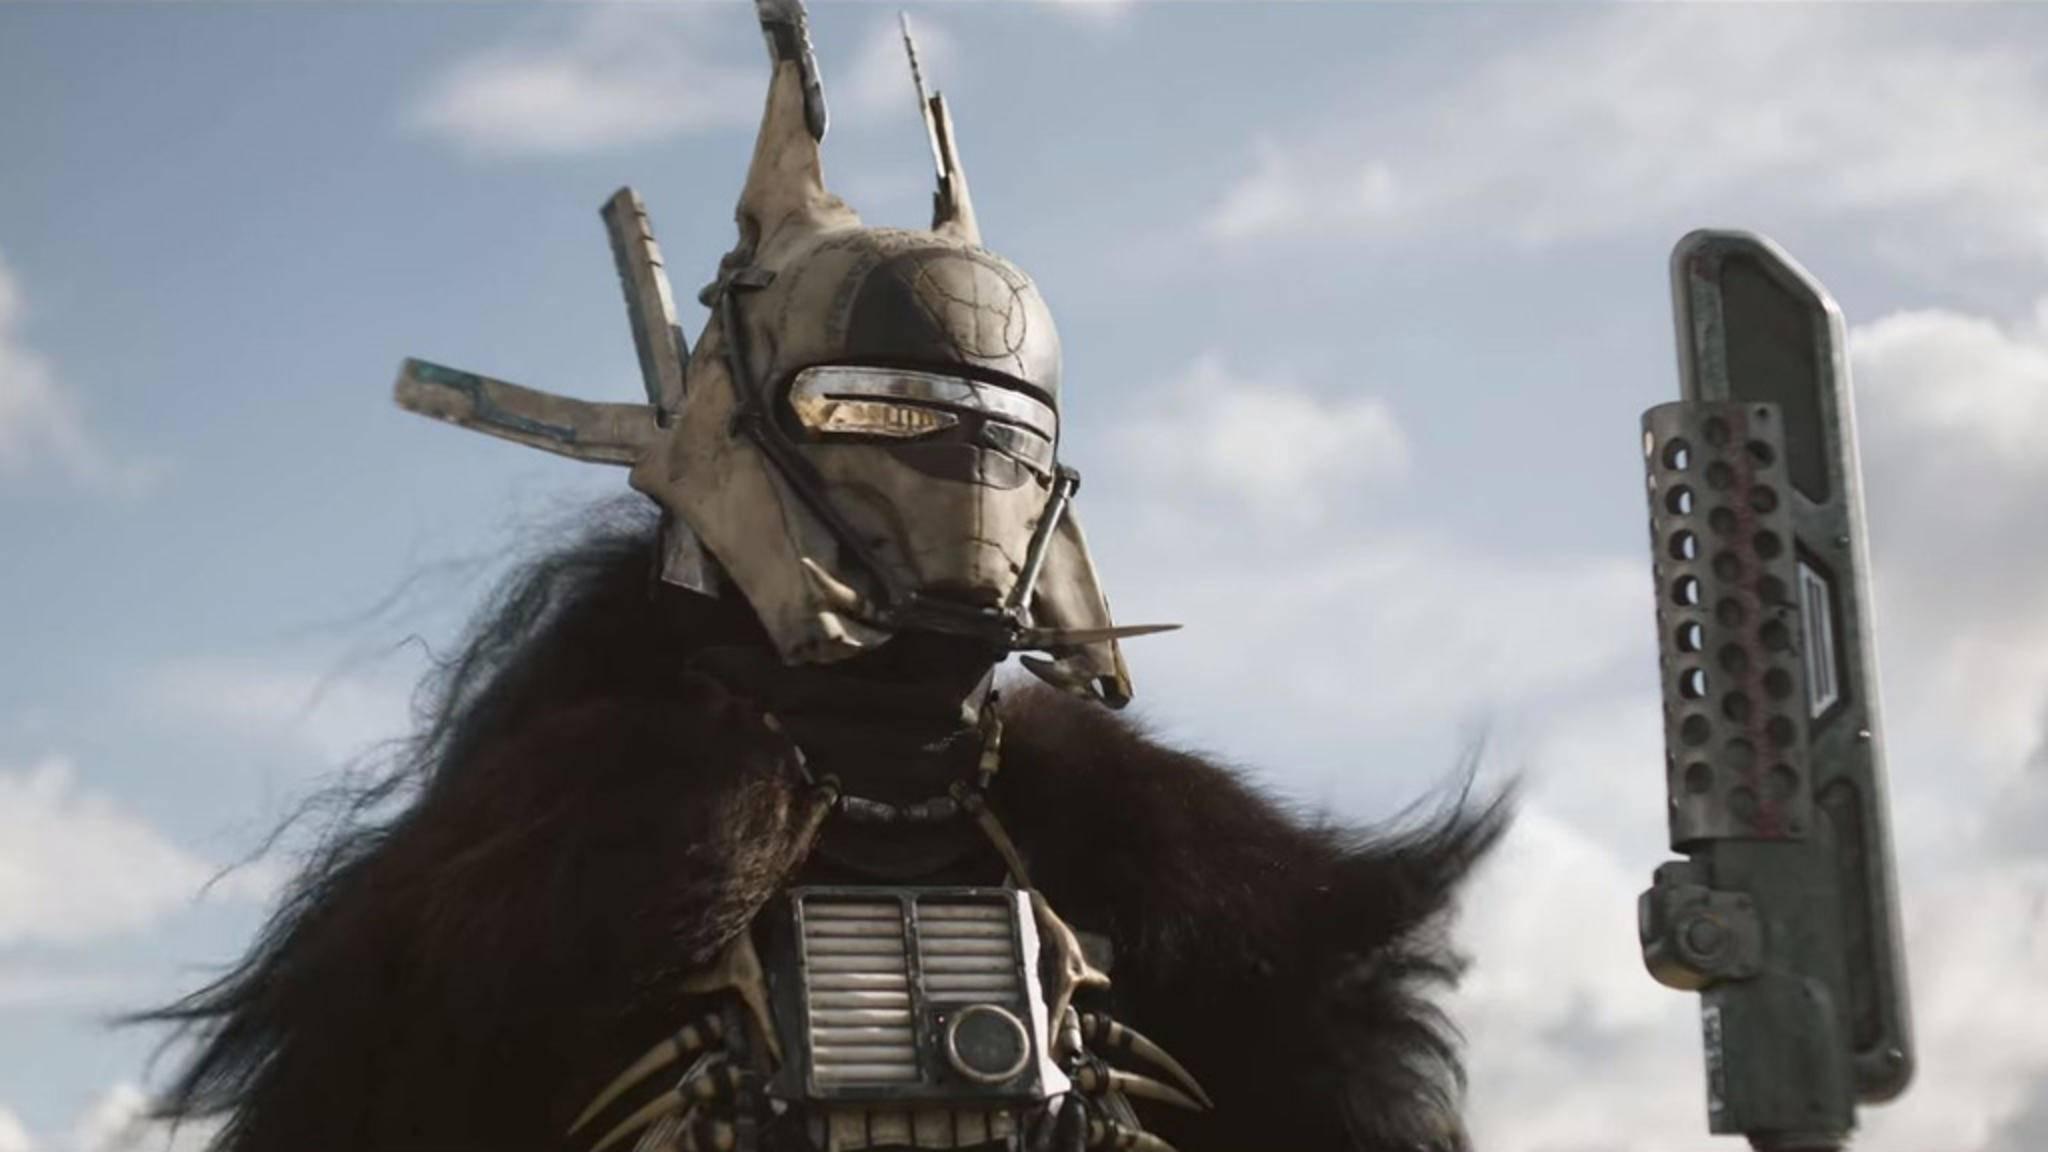 Gefährlich: Enfys Nest wird Han Solo gewiss ordentlich zu schaffen machen.